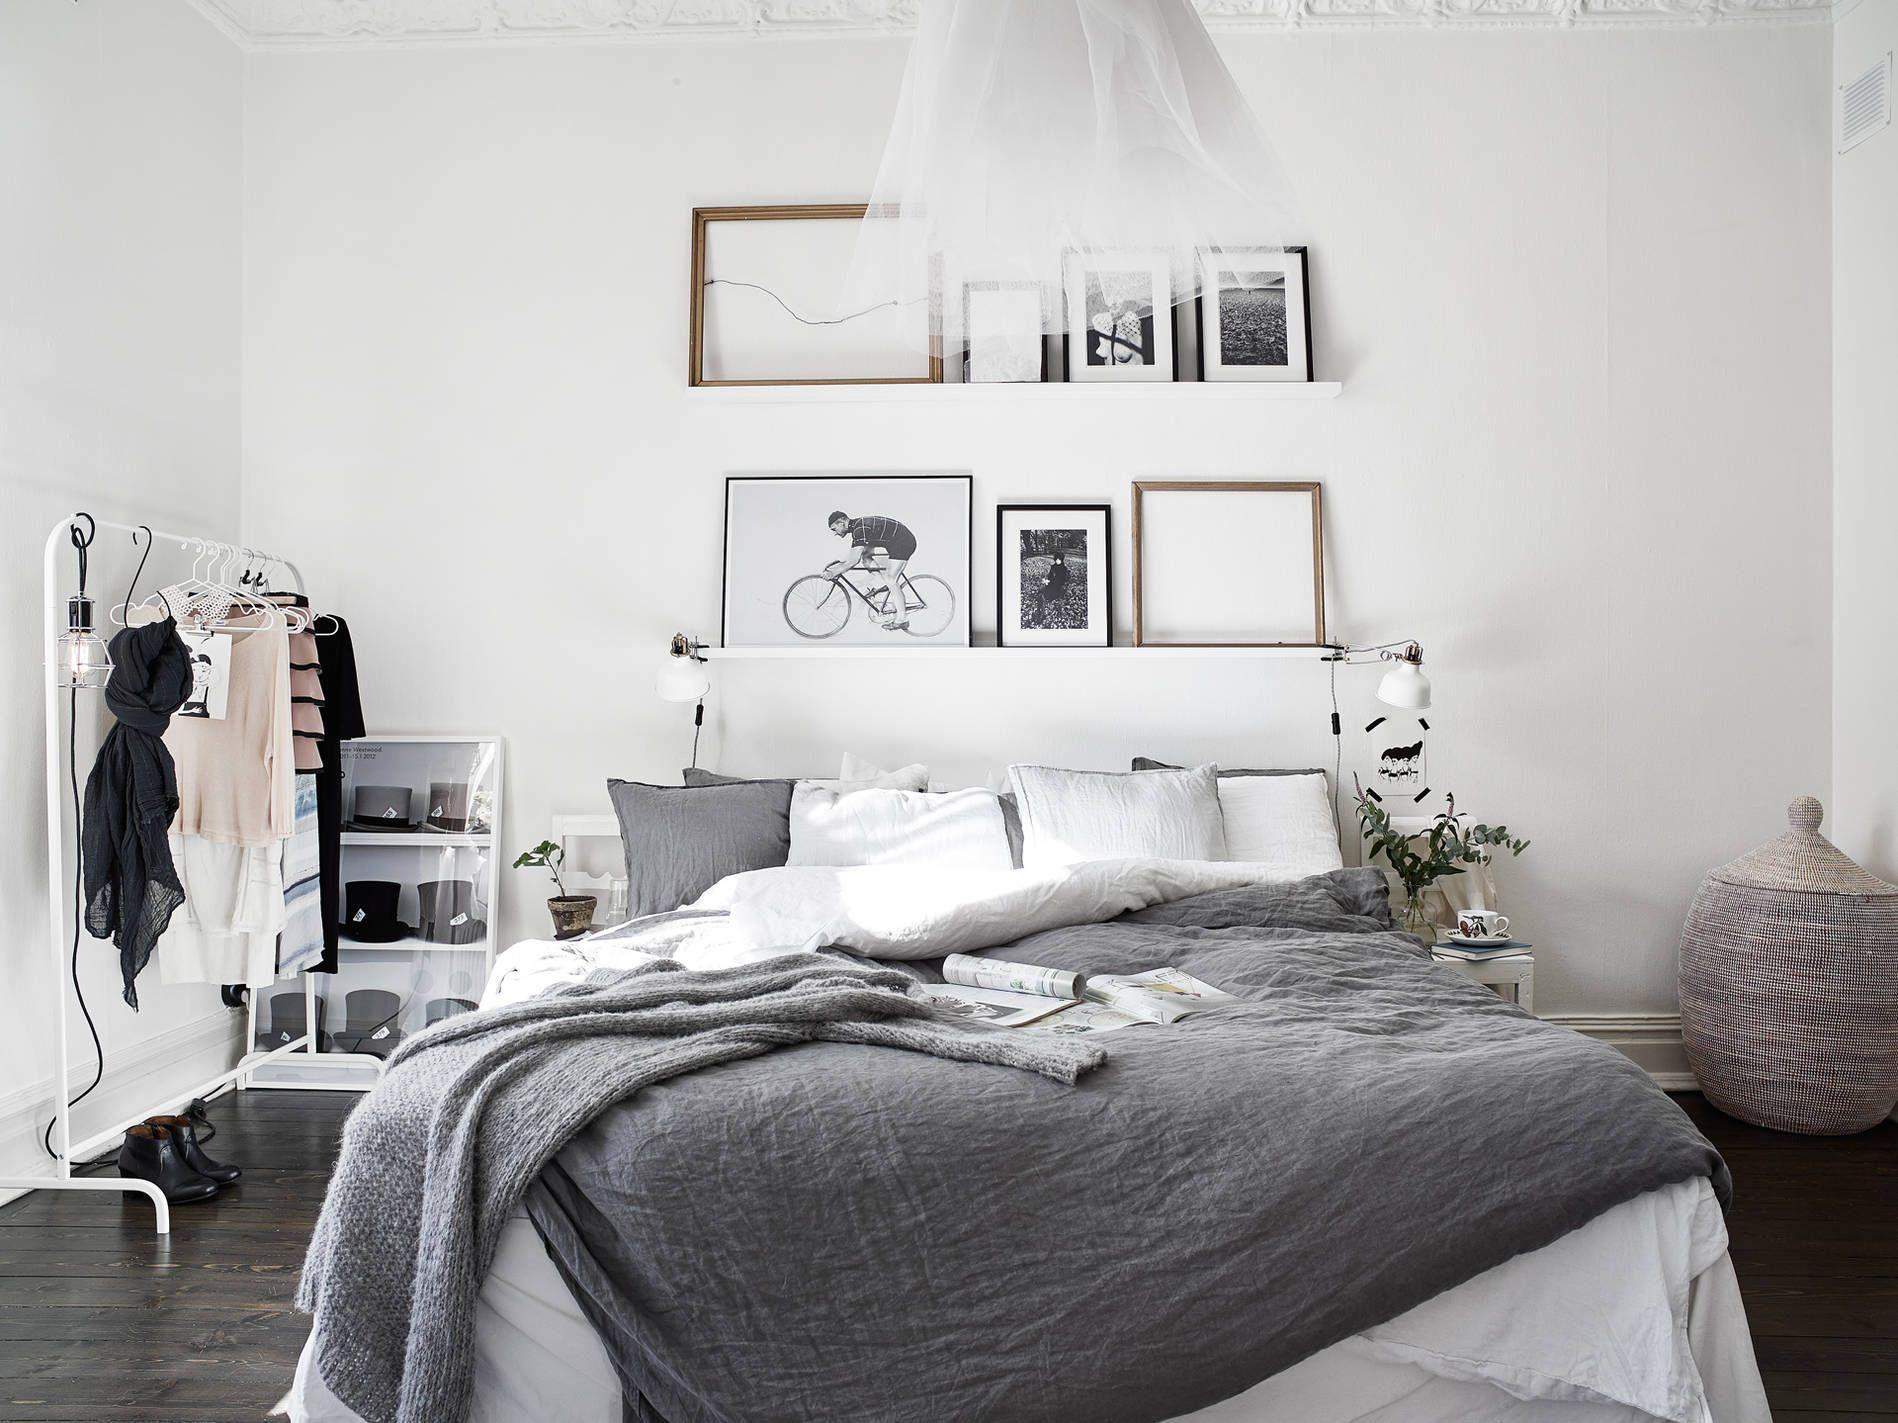 Durchblick ins Schlafzimmer in schöner Altbauwohnung in Leipzig Schlafzimmer Altbau Leipzig Gemütliche Schlafzimmer Pinterest